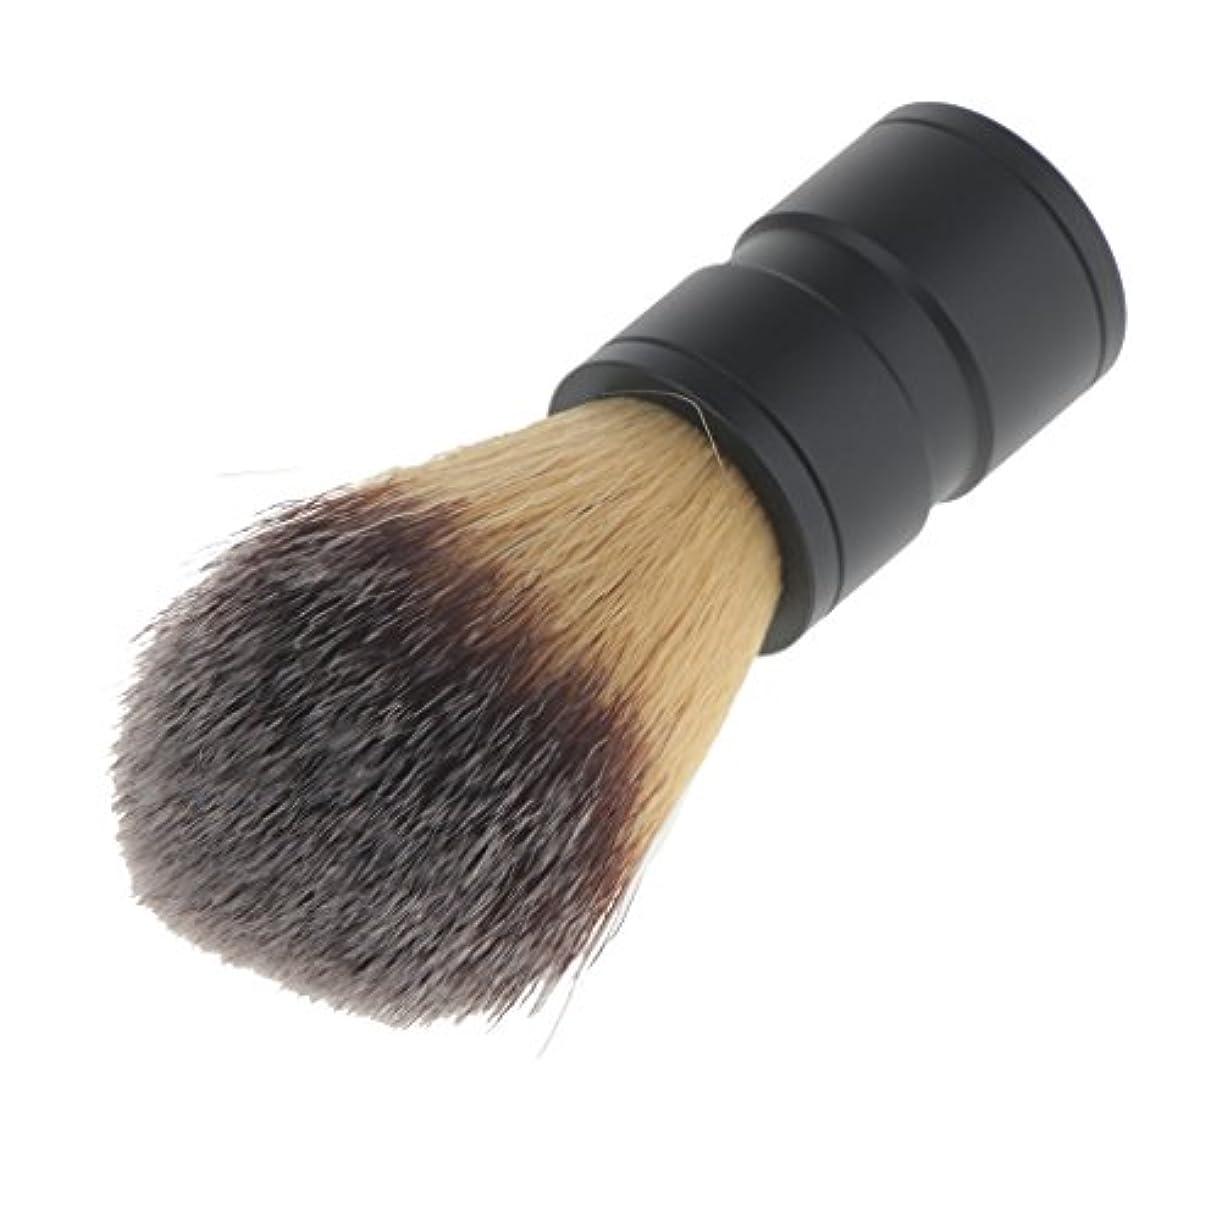 換気する信念お互いchiwanji 男性のためのファッションひげ剃りブラシナイロンヘア合金ハンドルバーバーツール - ブラックハンドル